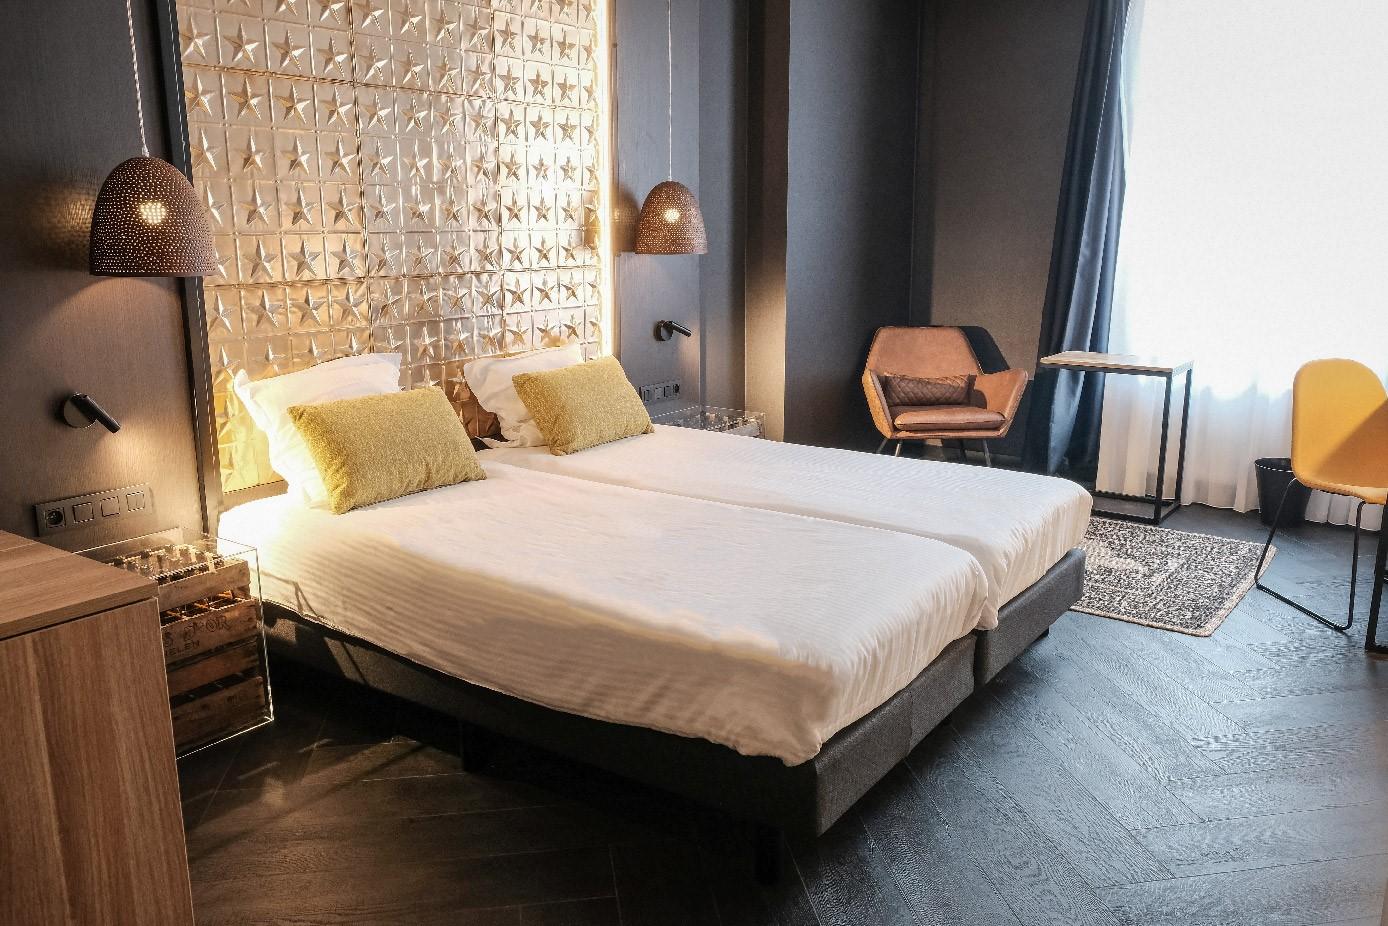 Brouwerij Hotel het Anker perfecte uitstapje 4